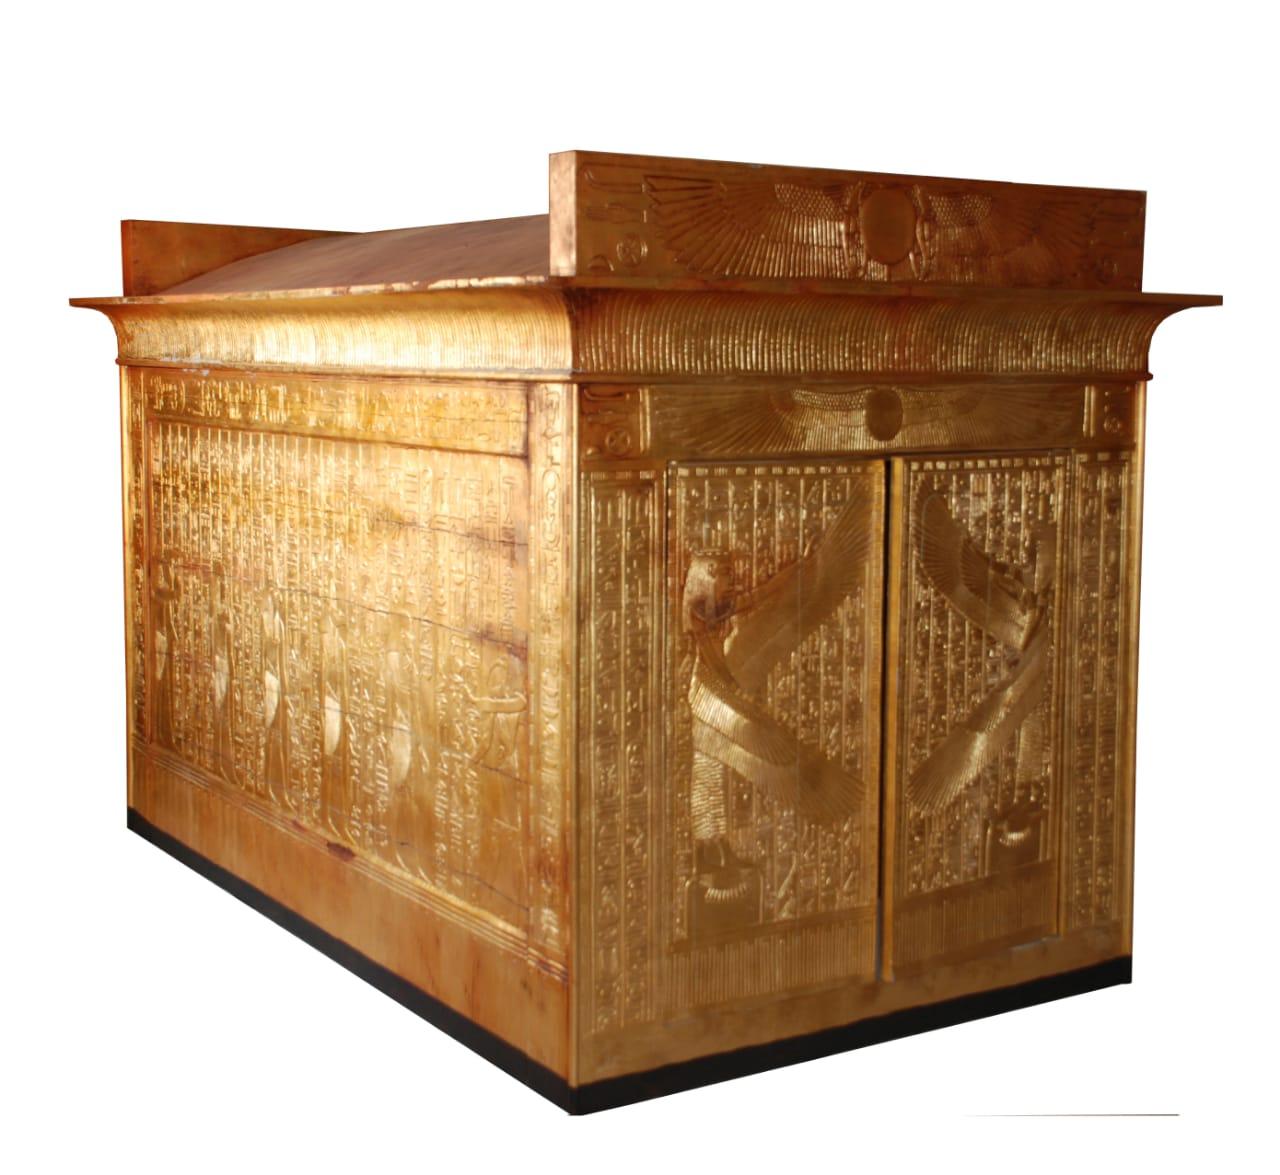 إحدى النماذج الأثرية بمعرض كندا (5)